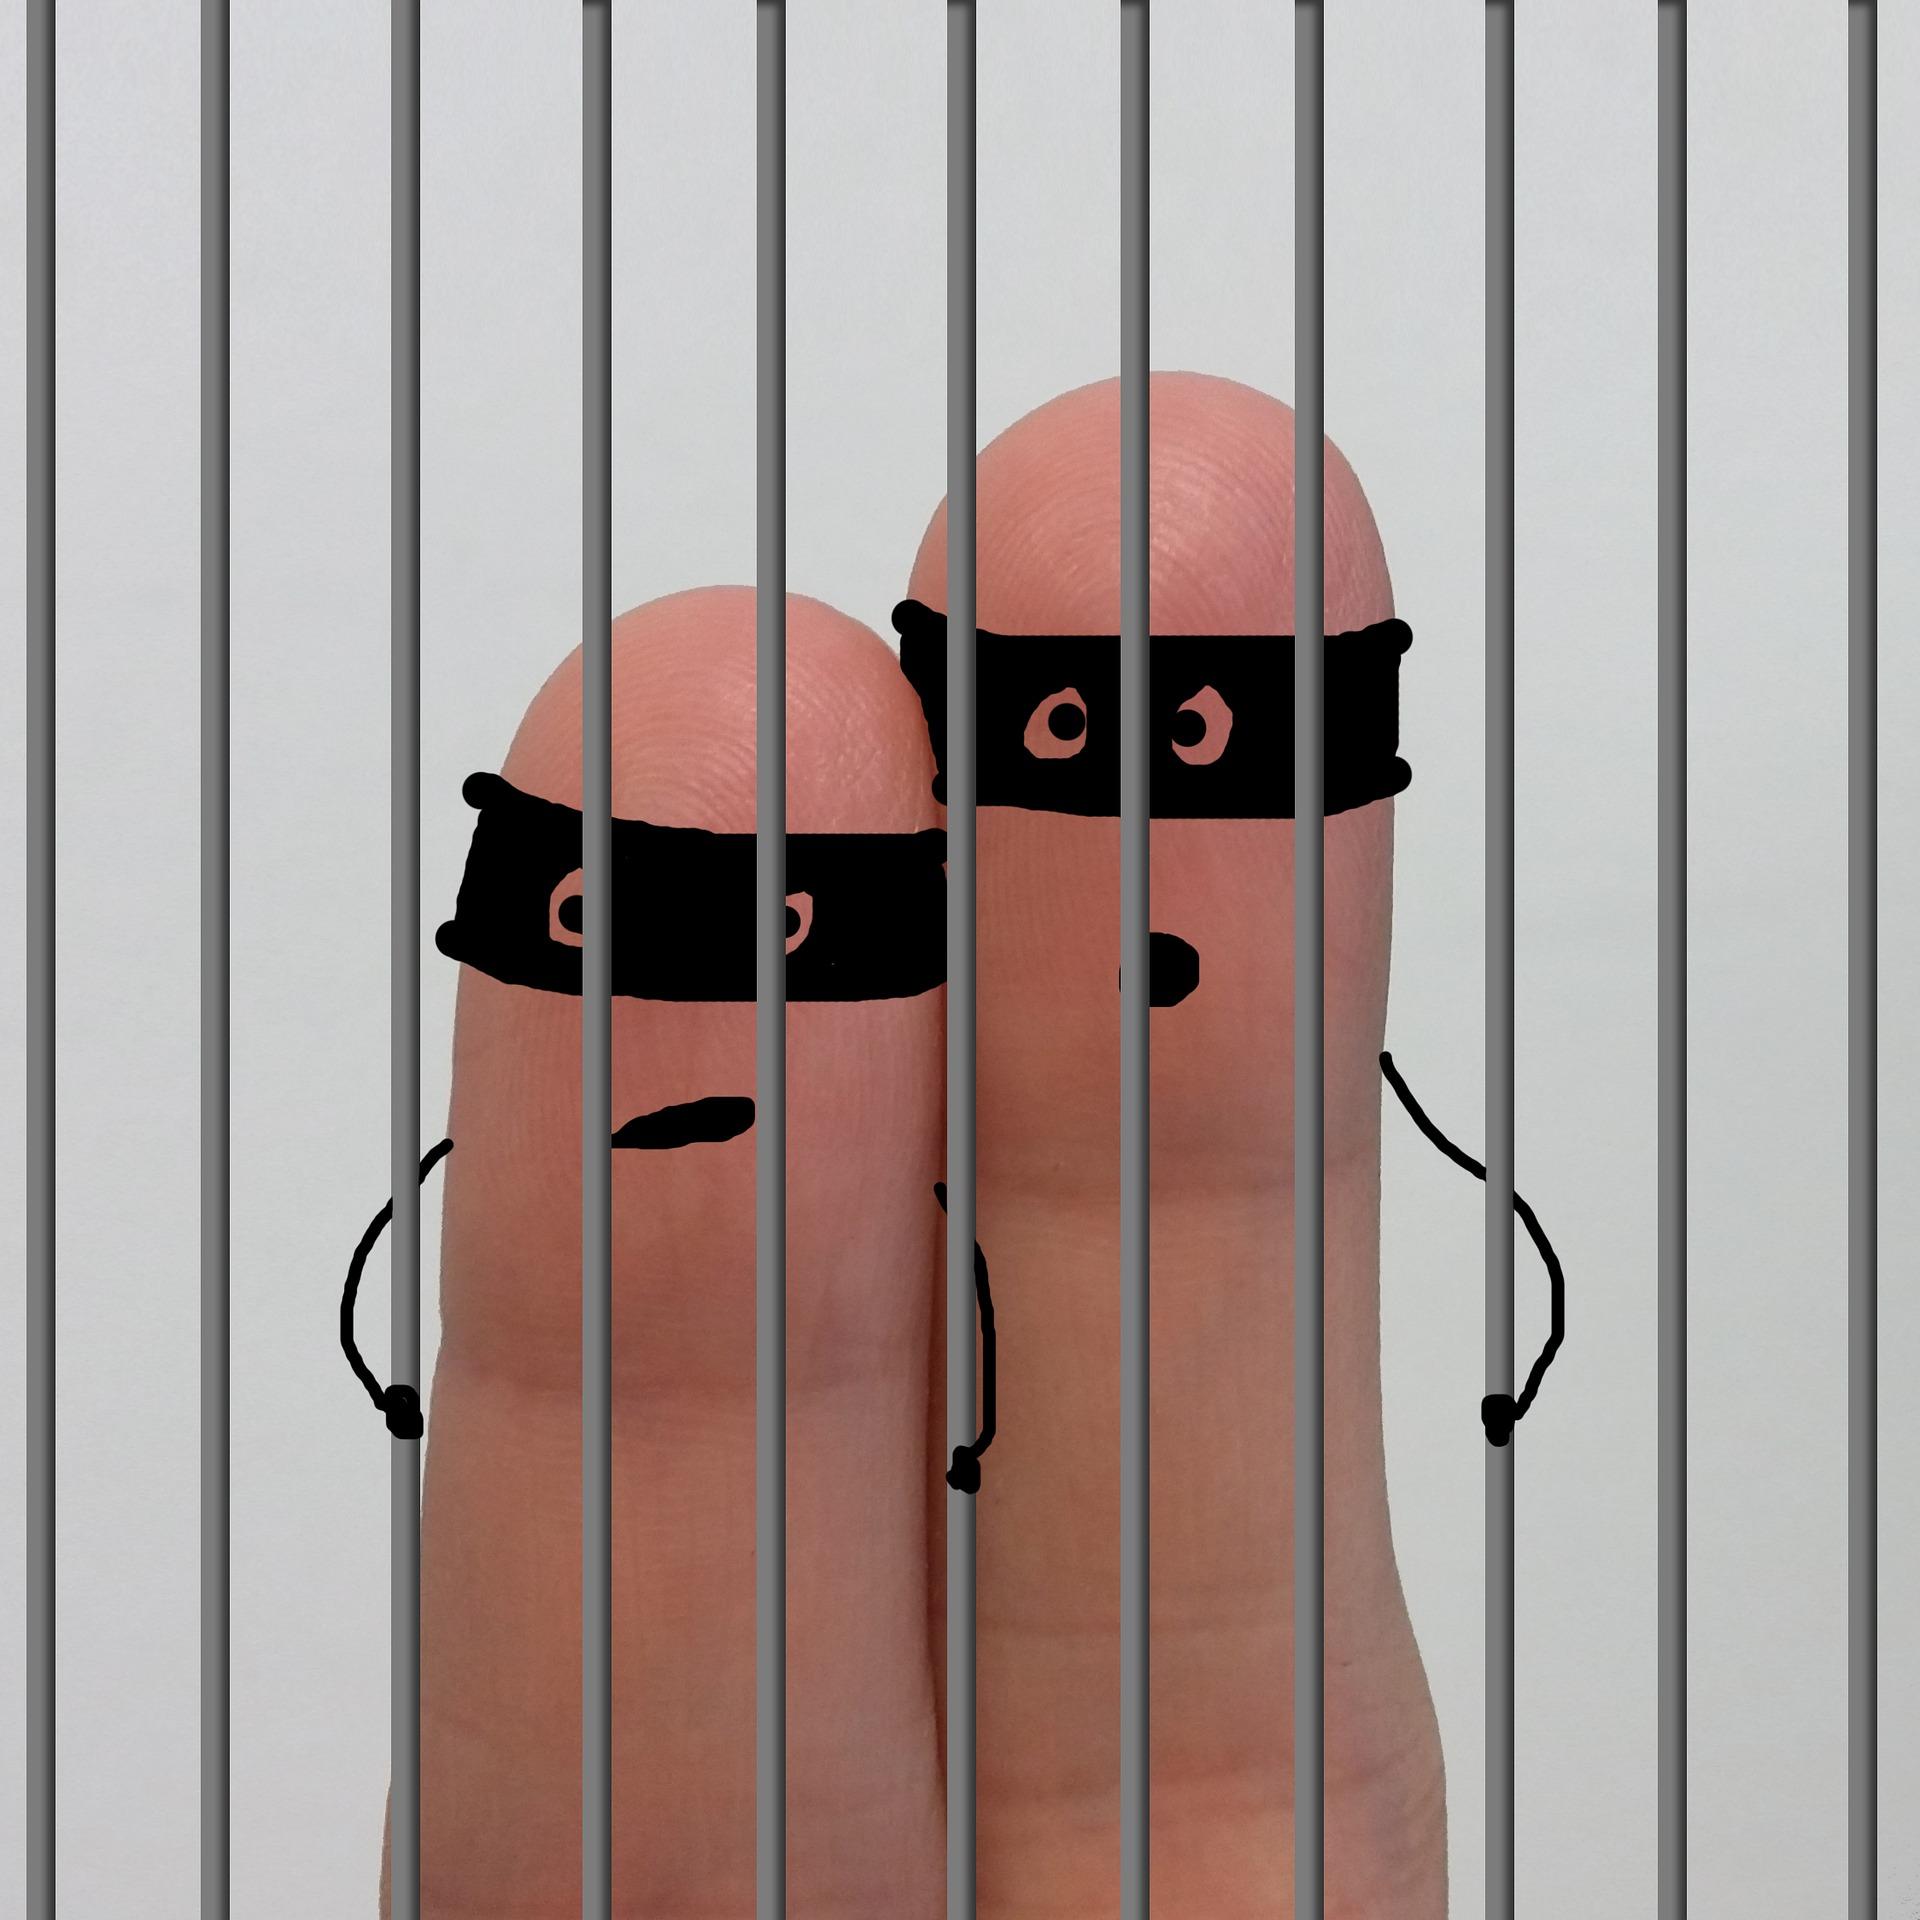 Kara łączna - zasady łączenia